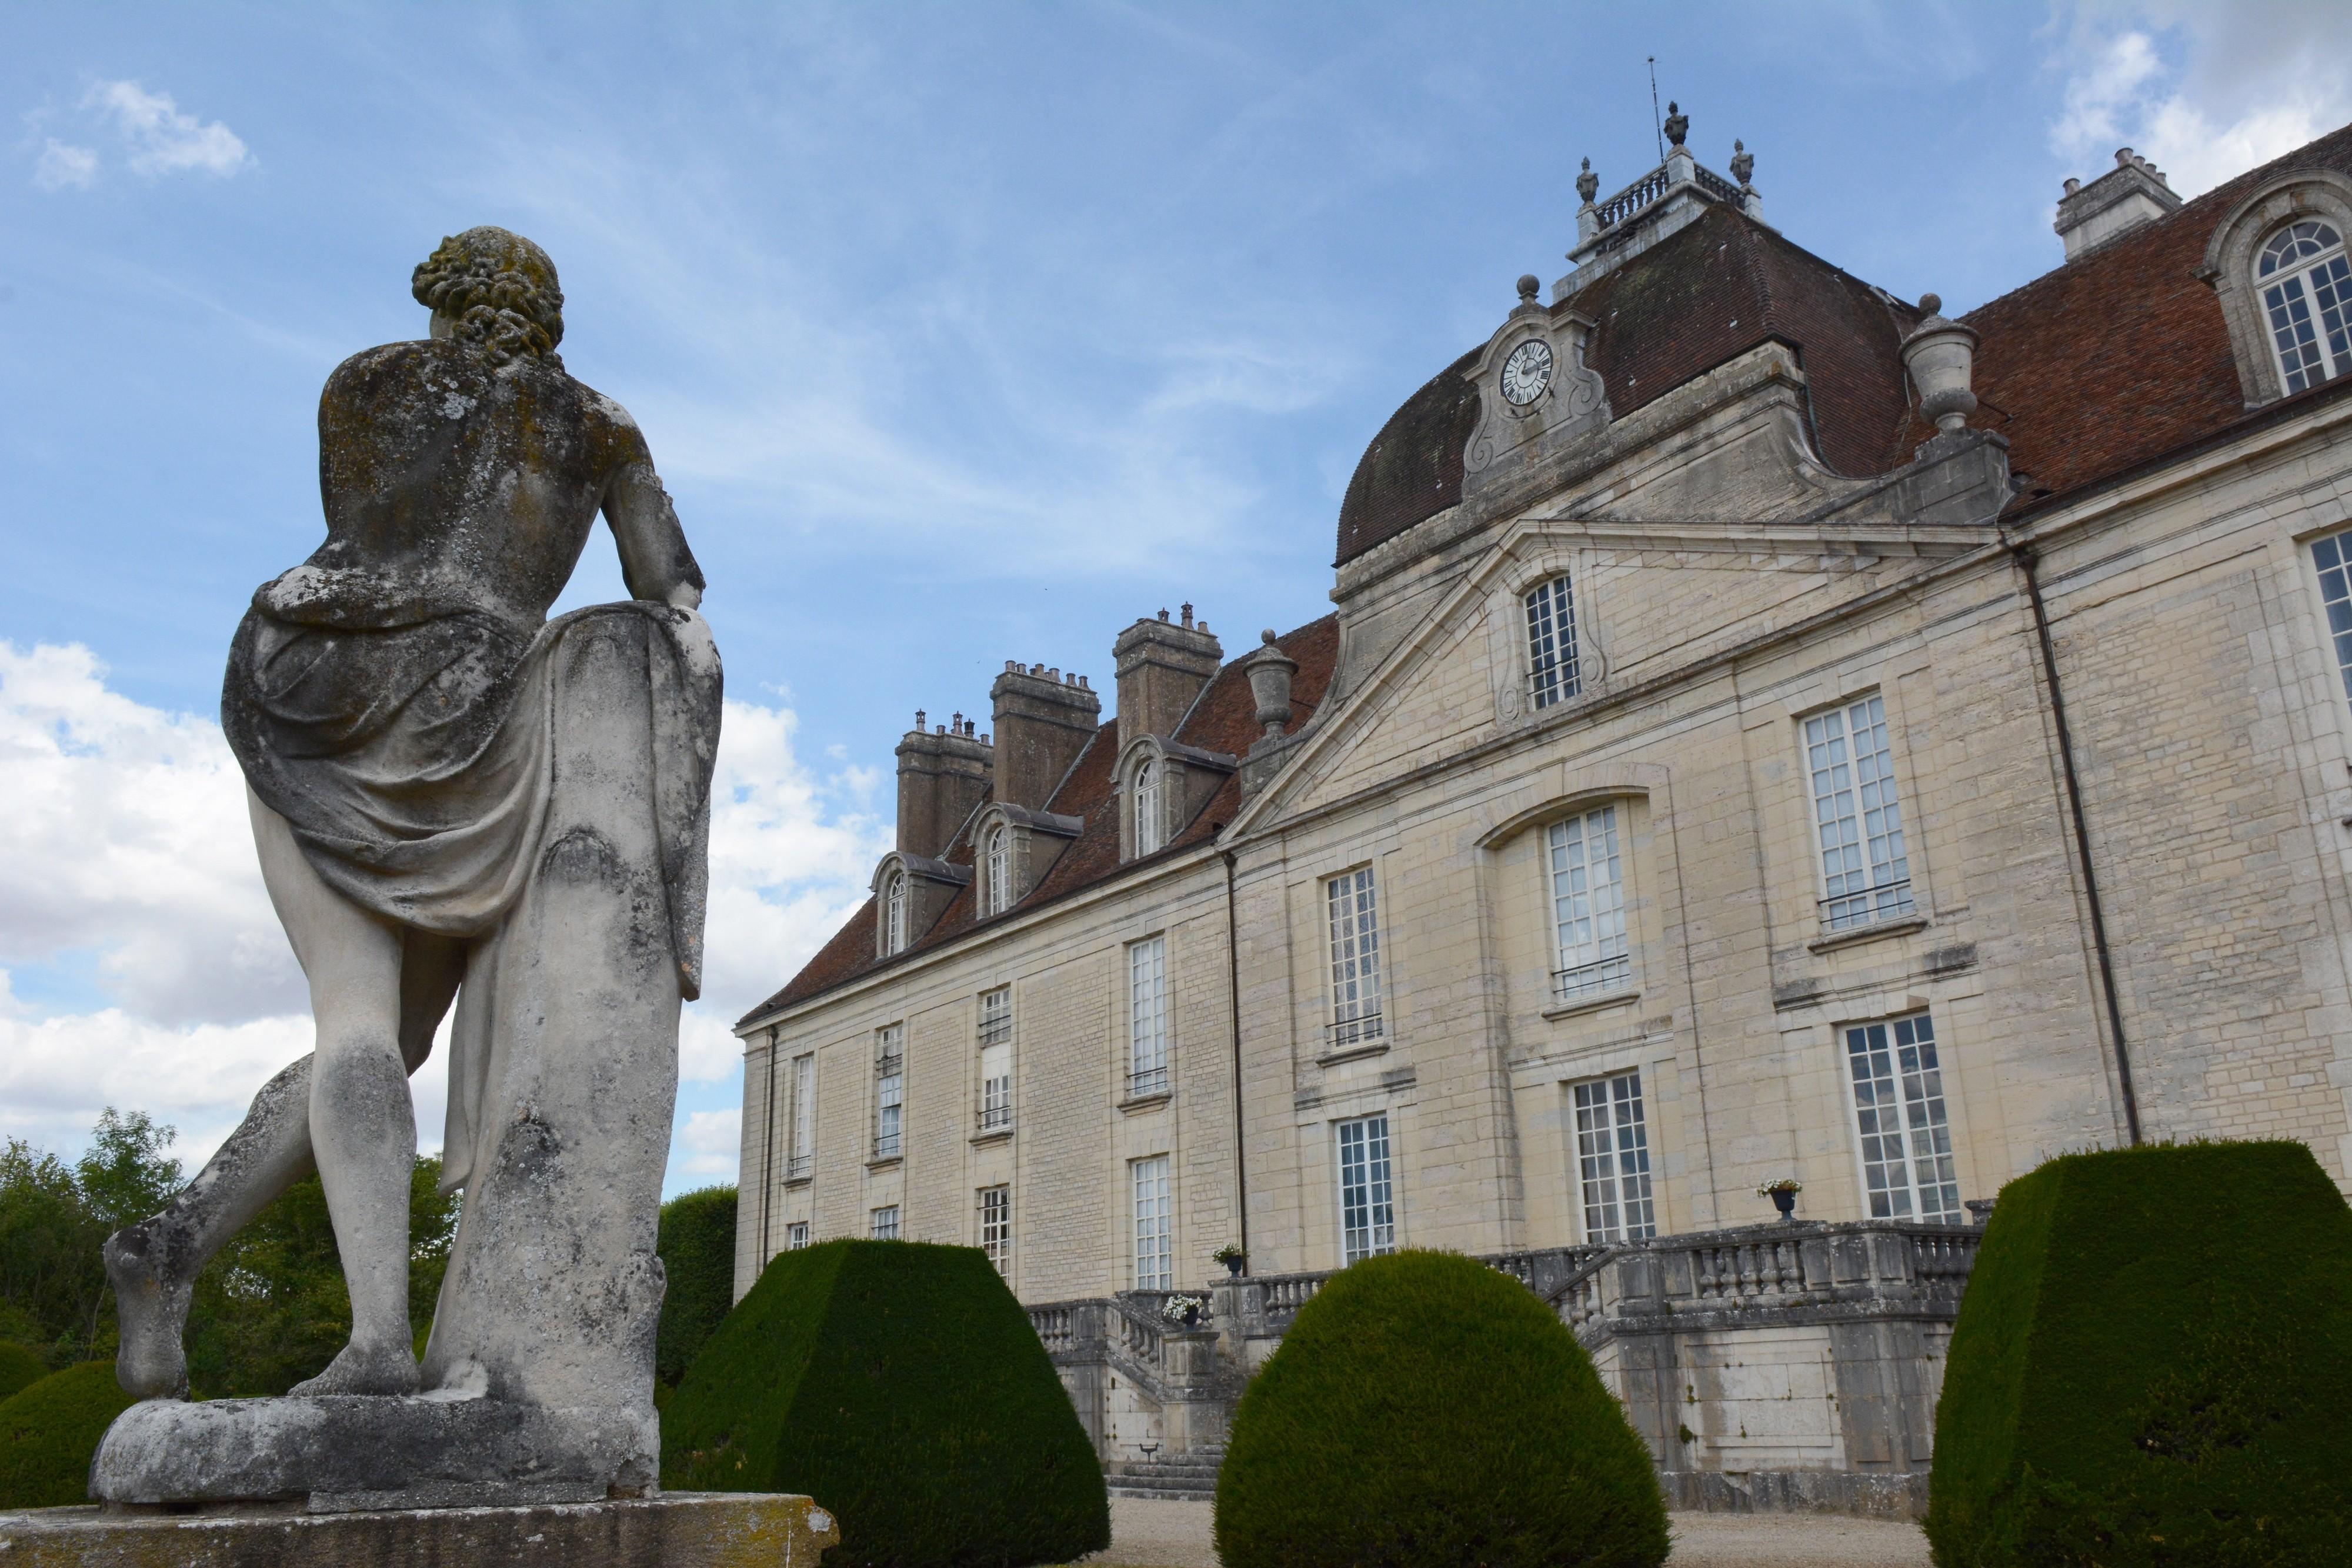 Y furent reçus d'illustres invités du Siècle des Lumières : Mme de Staël, Voltaire…